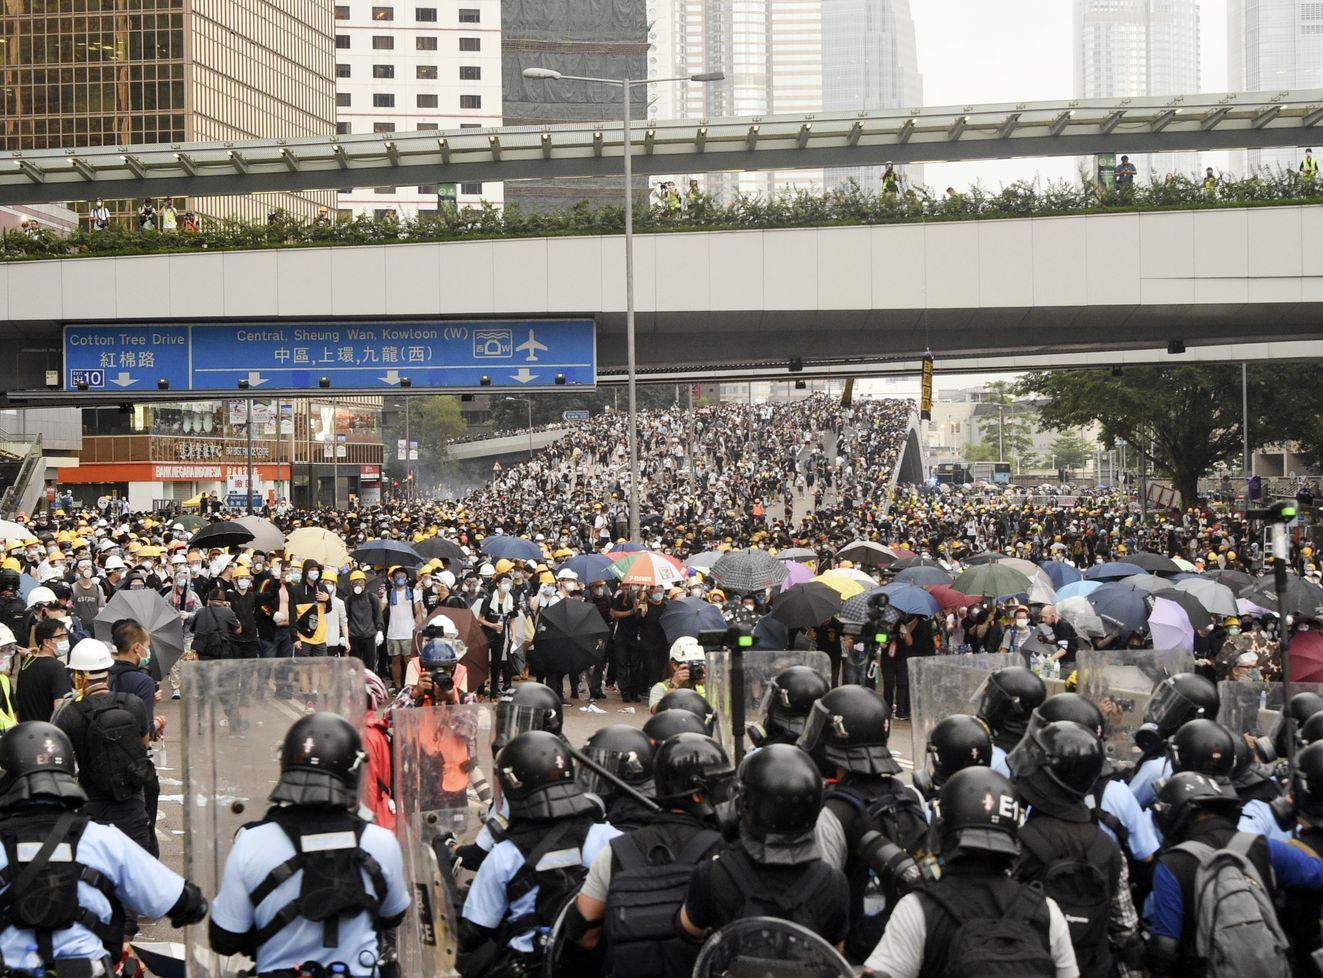 民陣於6月12日舉行反修例遊行,其後引發警民衝突。資料圖片